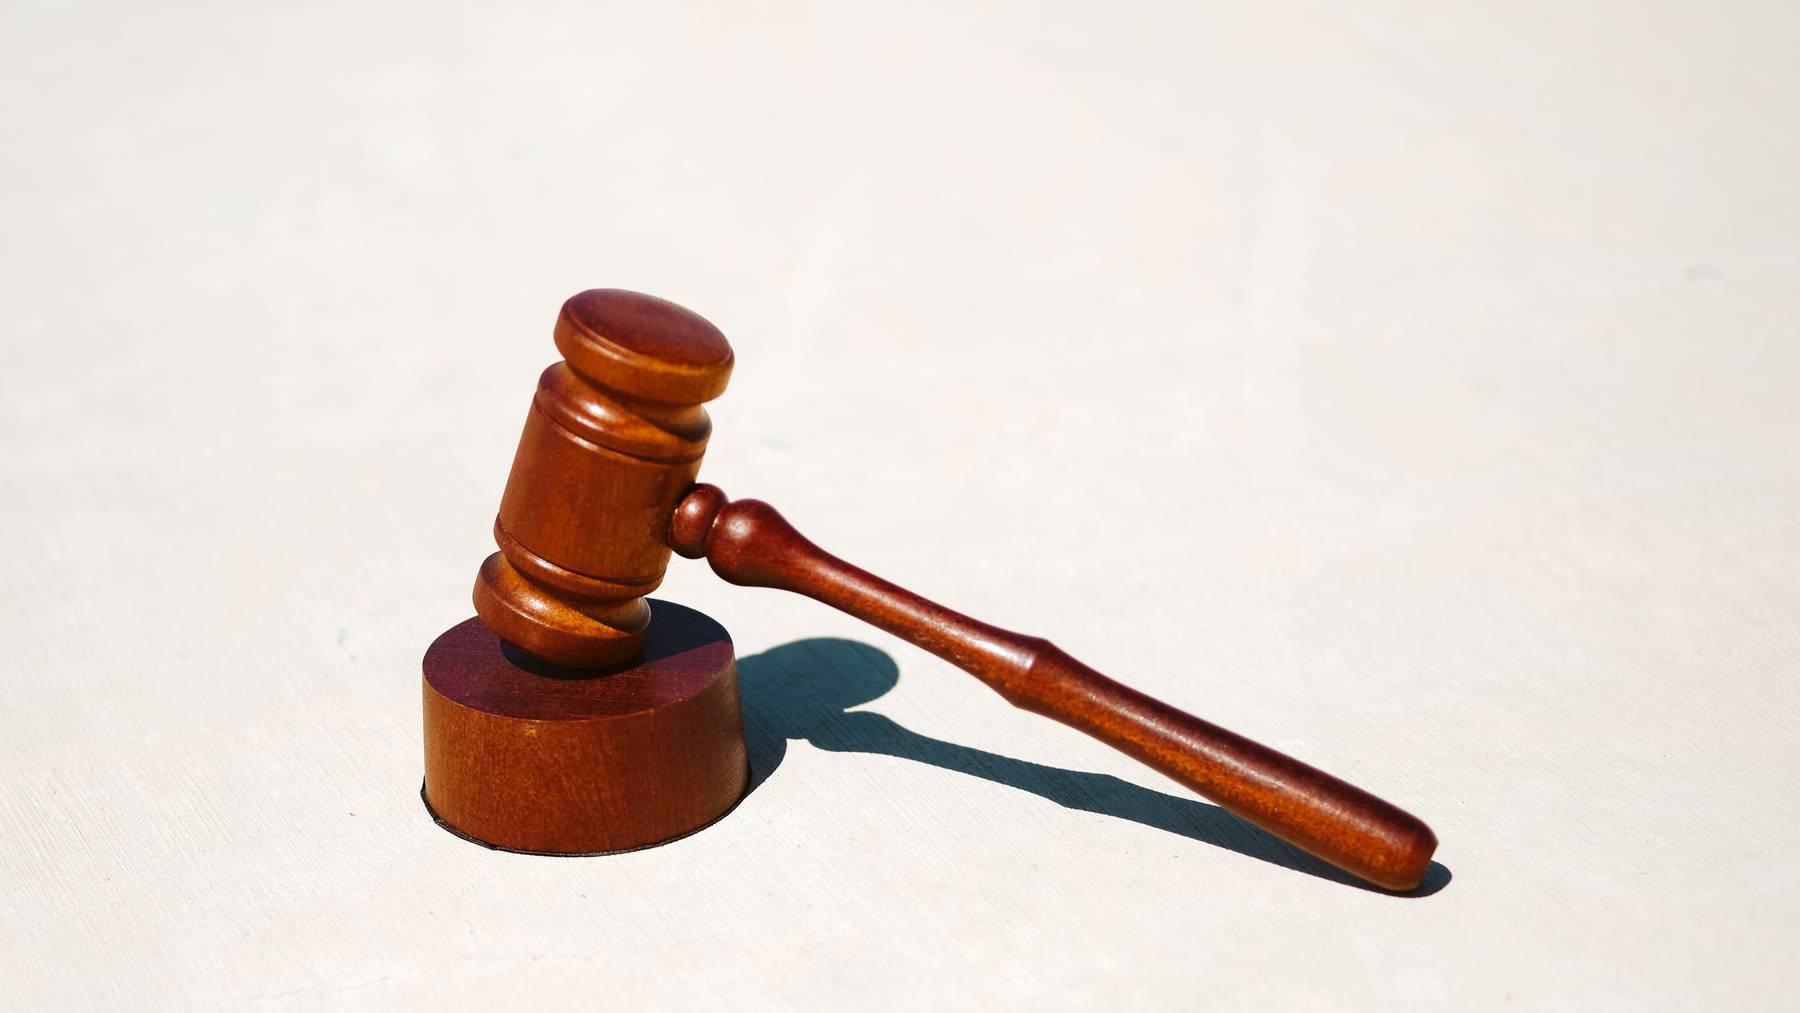 Gericht_Urteil_Justiz_unsplash